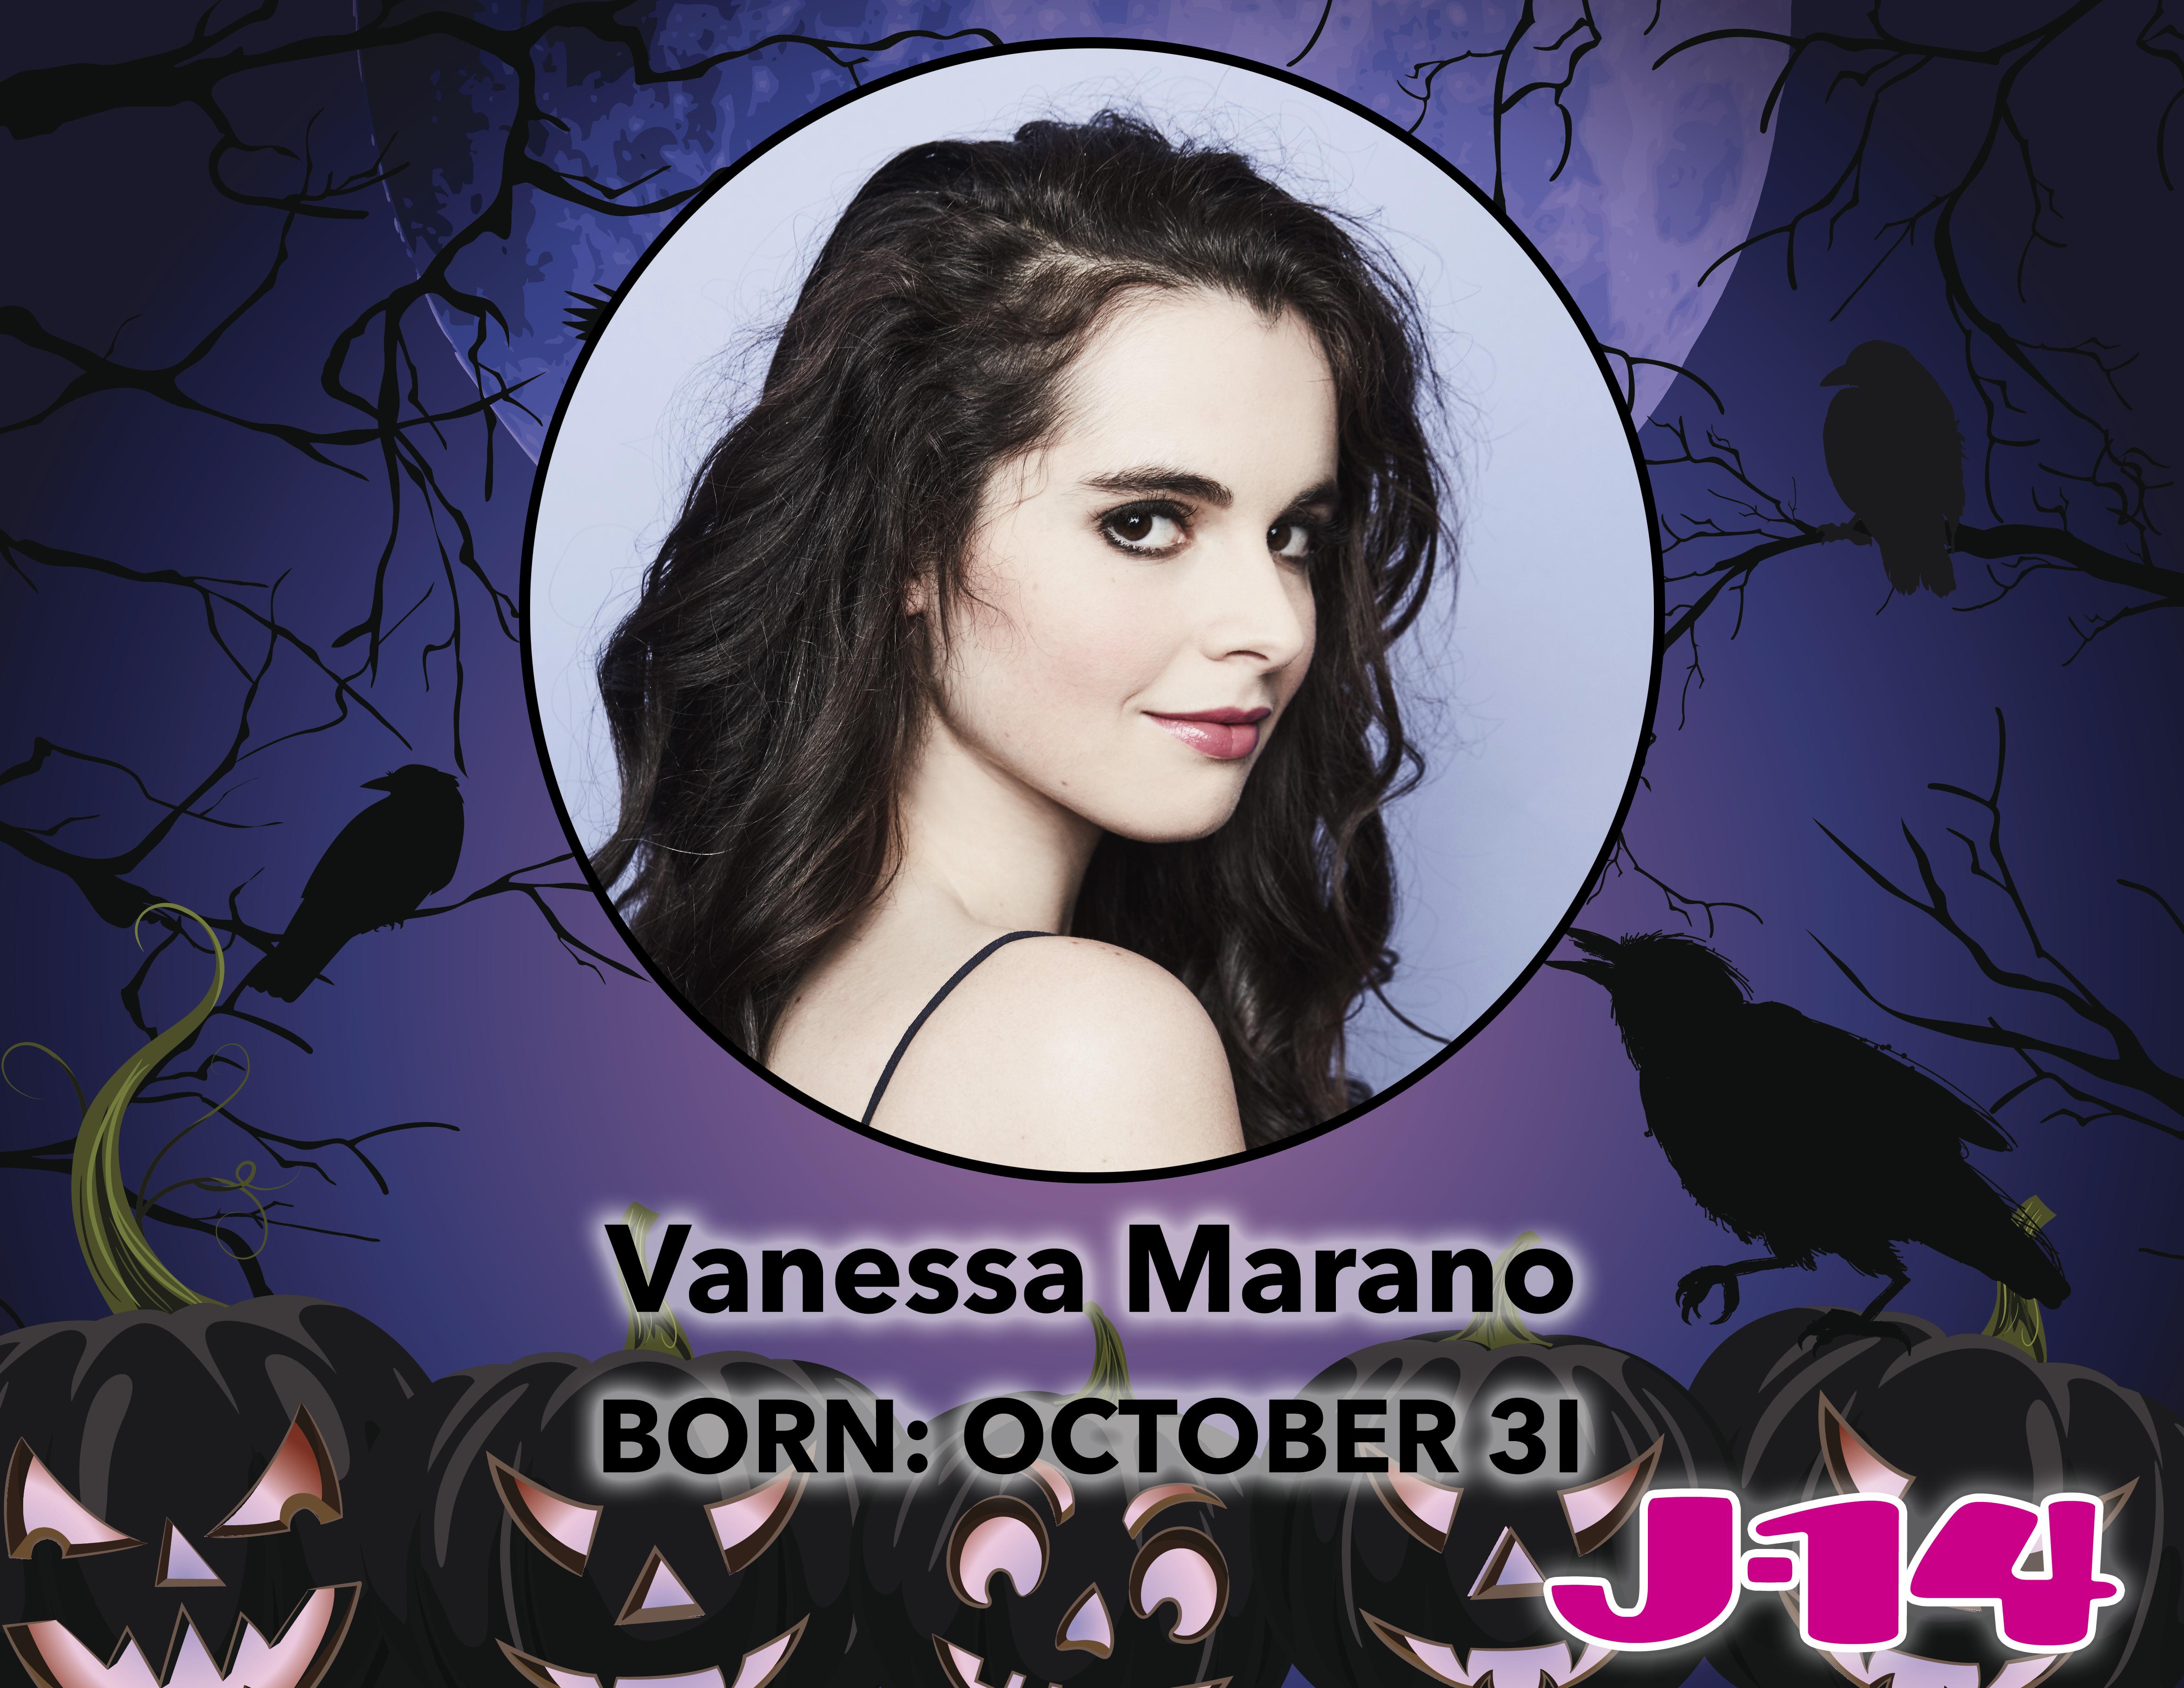 vanessa-marano-birthday